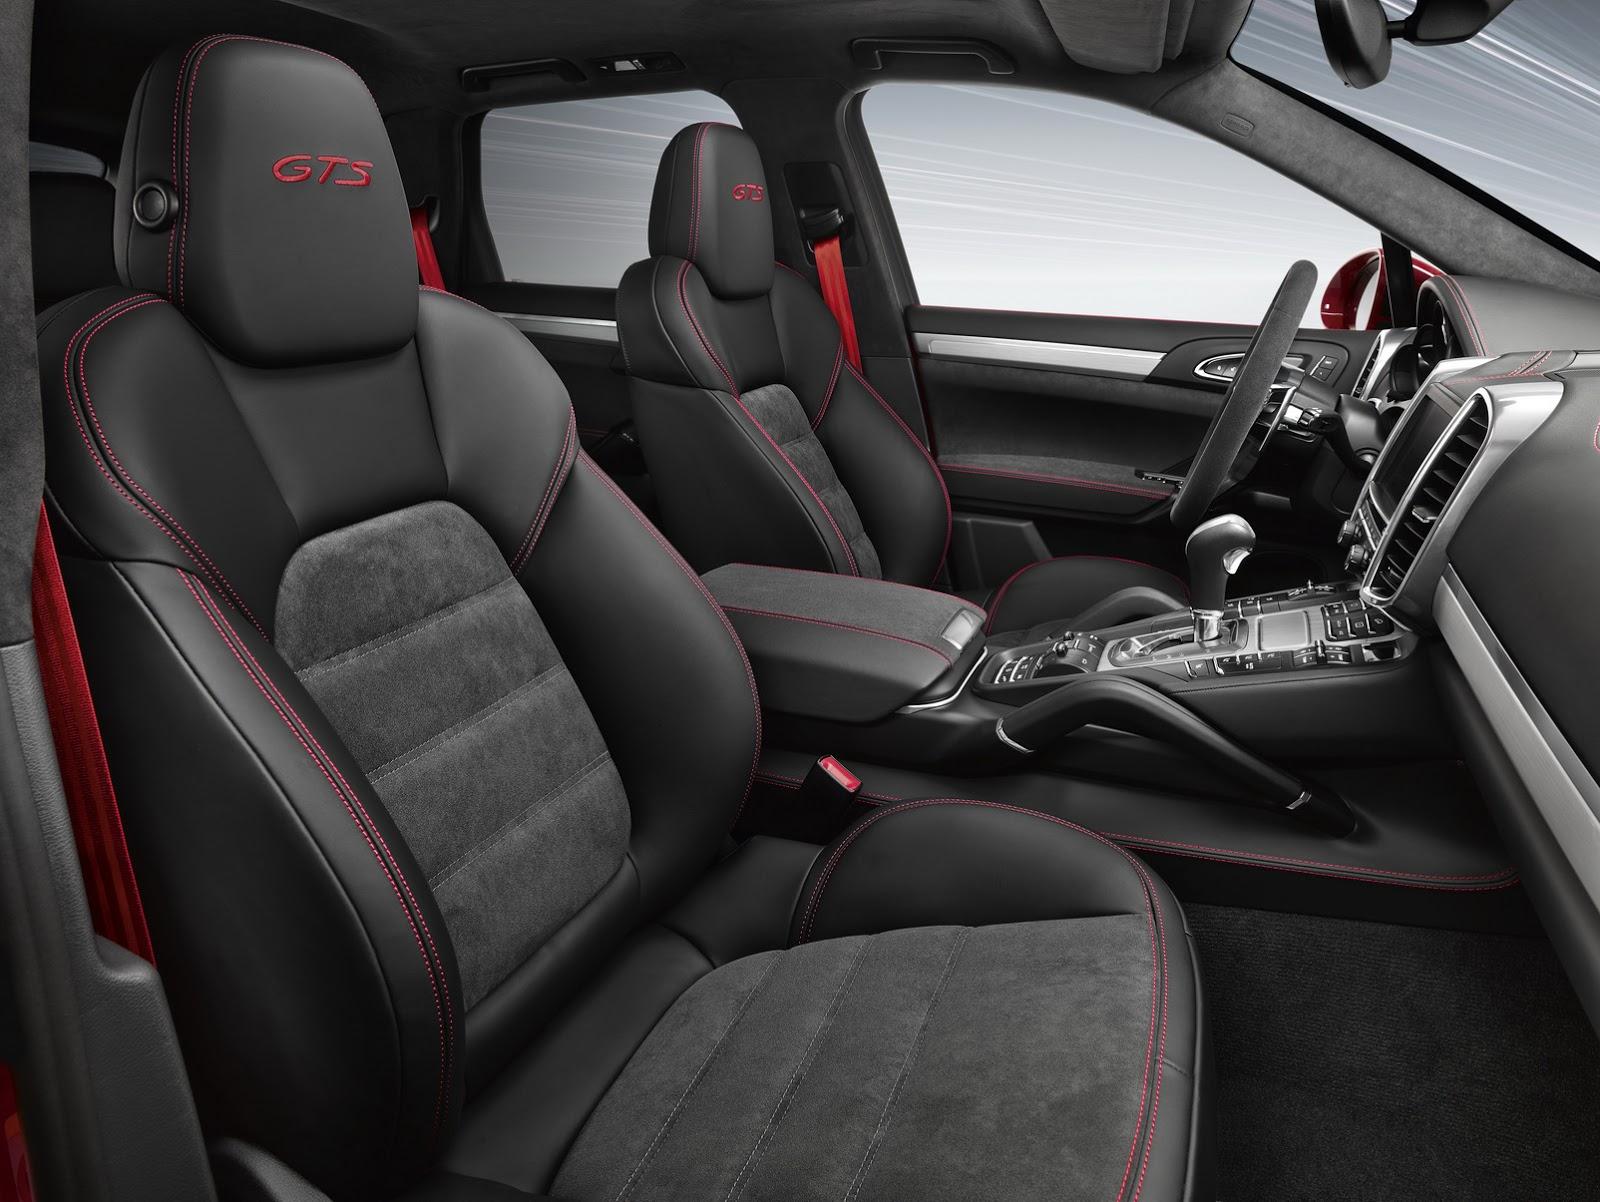 Nội thất của Cayenne GTS 2015 có thiết kế bắt mắt